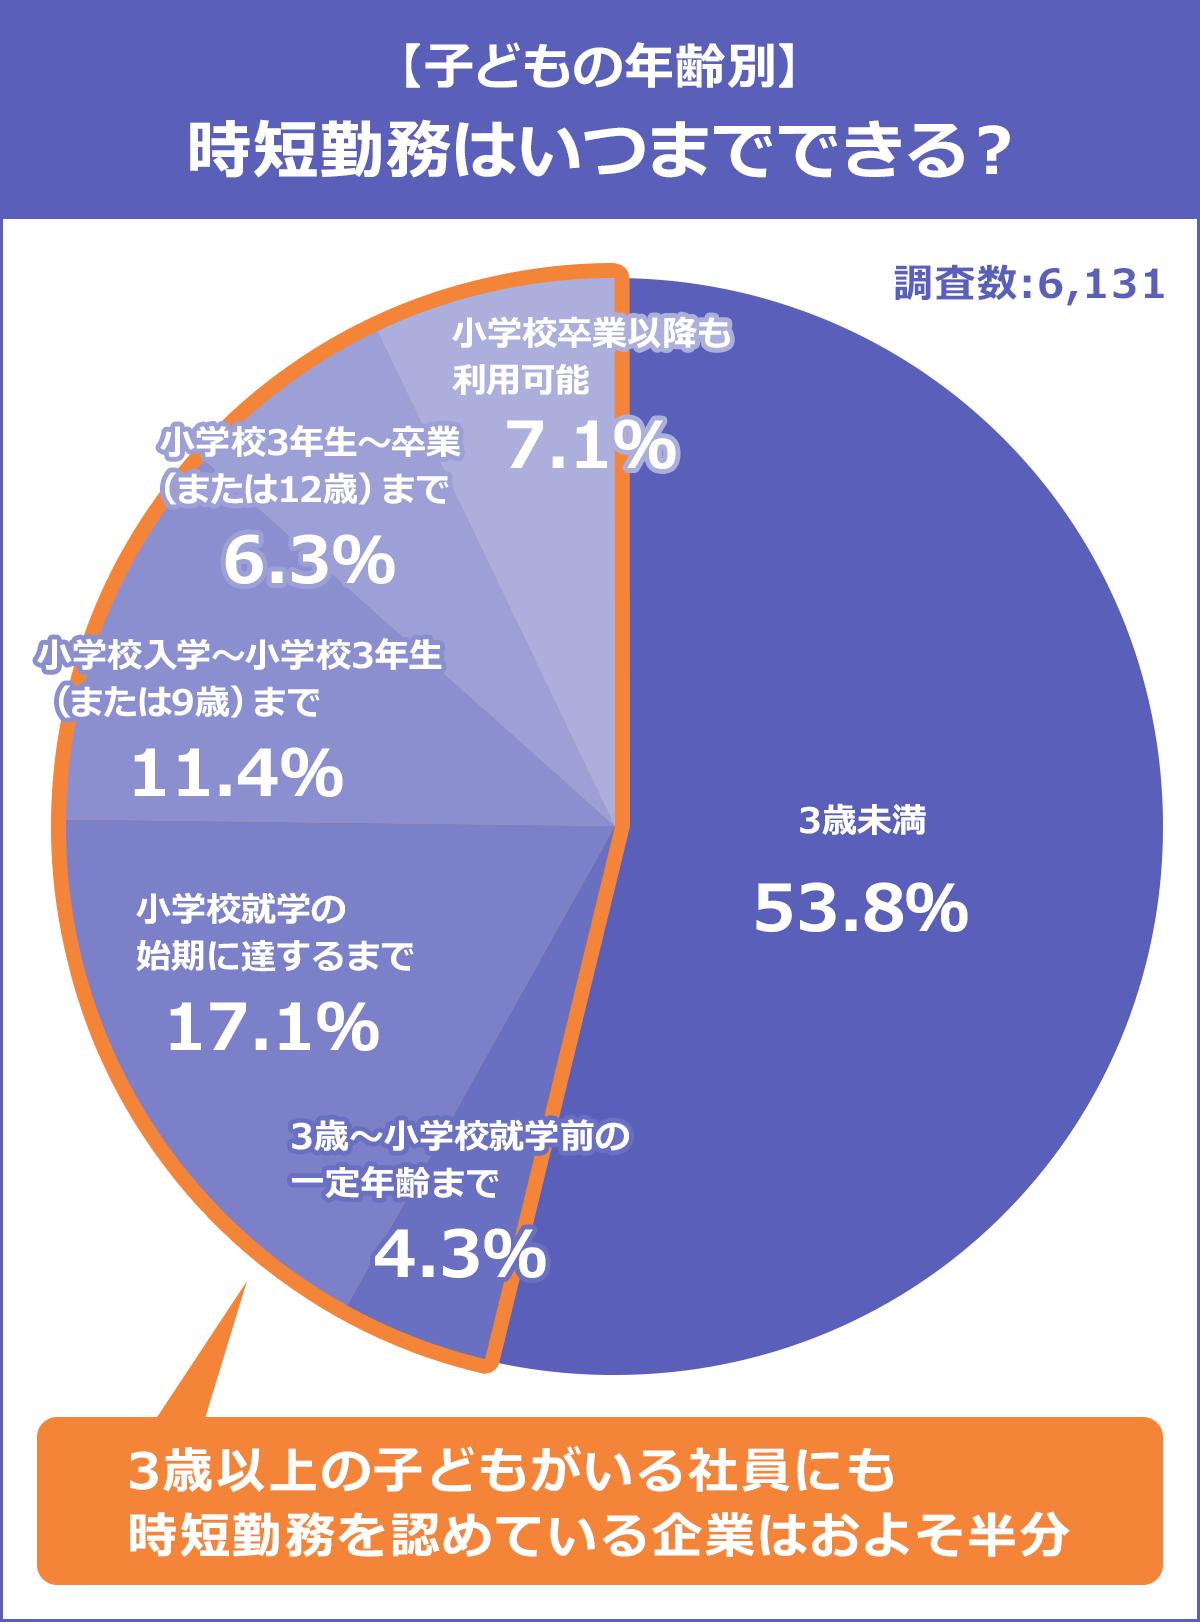 【子供の年齢別:時短勤務は何時までできる?】3歳未満…53.8%。3歳~小学校就学前の一定年齢まで…4.3%。小学校就学の始期に達するまで…17.1%。小学校入学~小学校3年生(または9歳)まで…11.4%。小学校3年生~卒業(または12歳)まで…6.3%。小学校卒業以降も利用可能…7.1%。